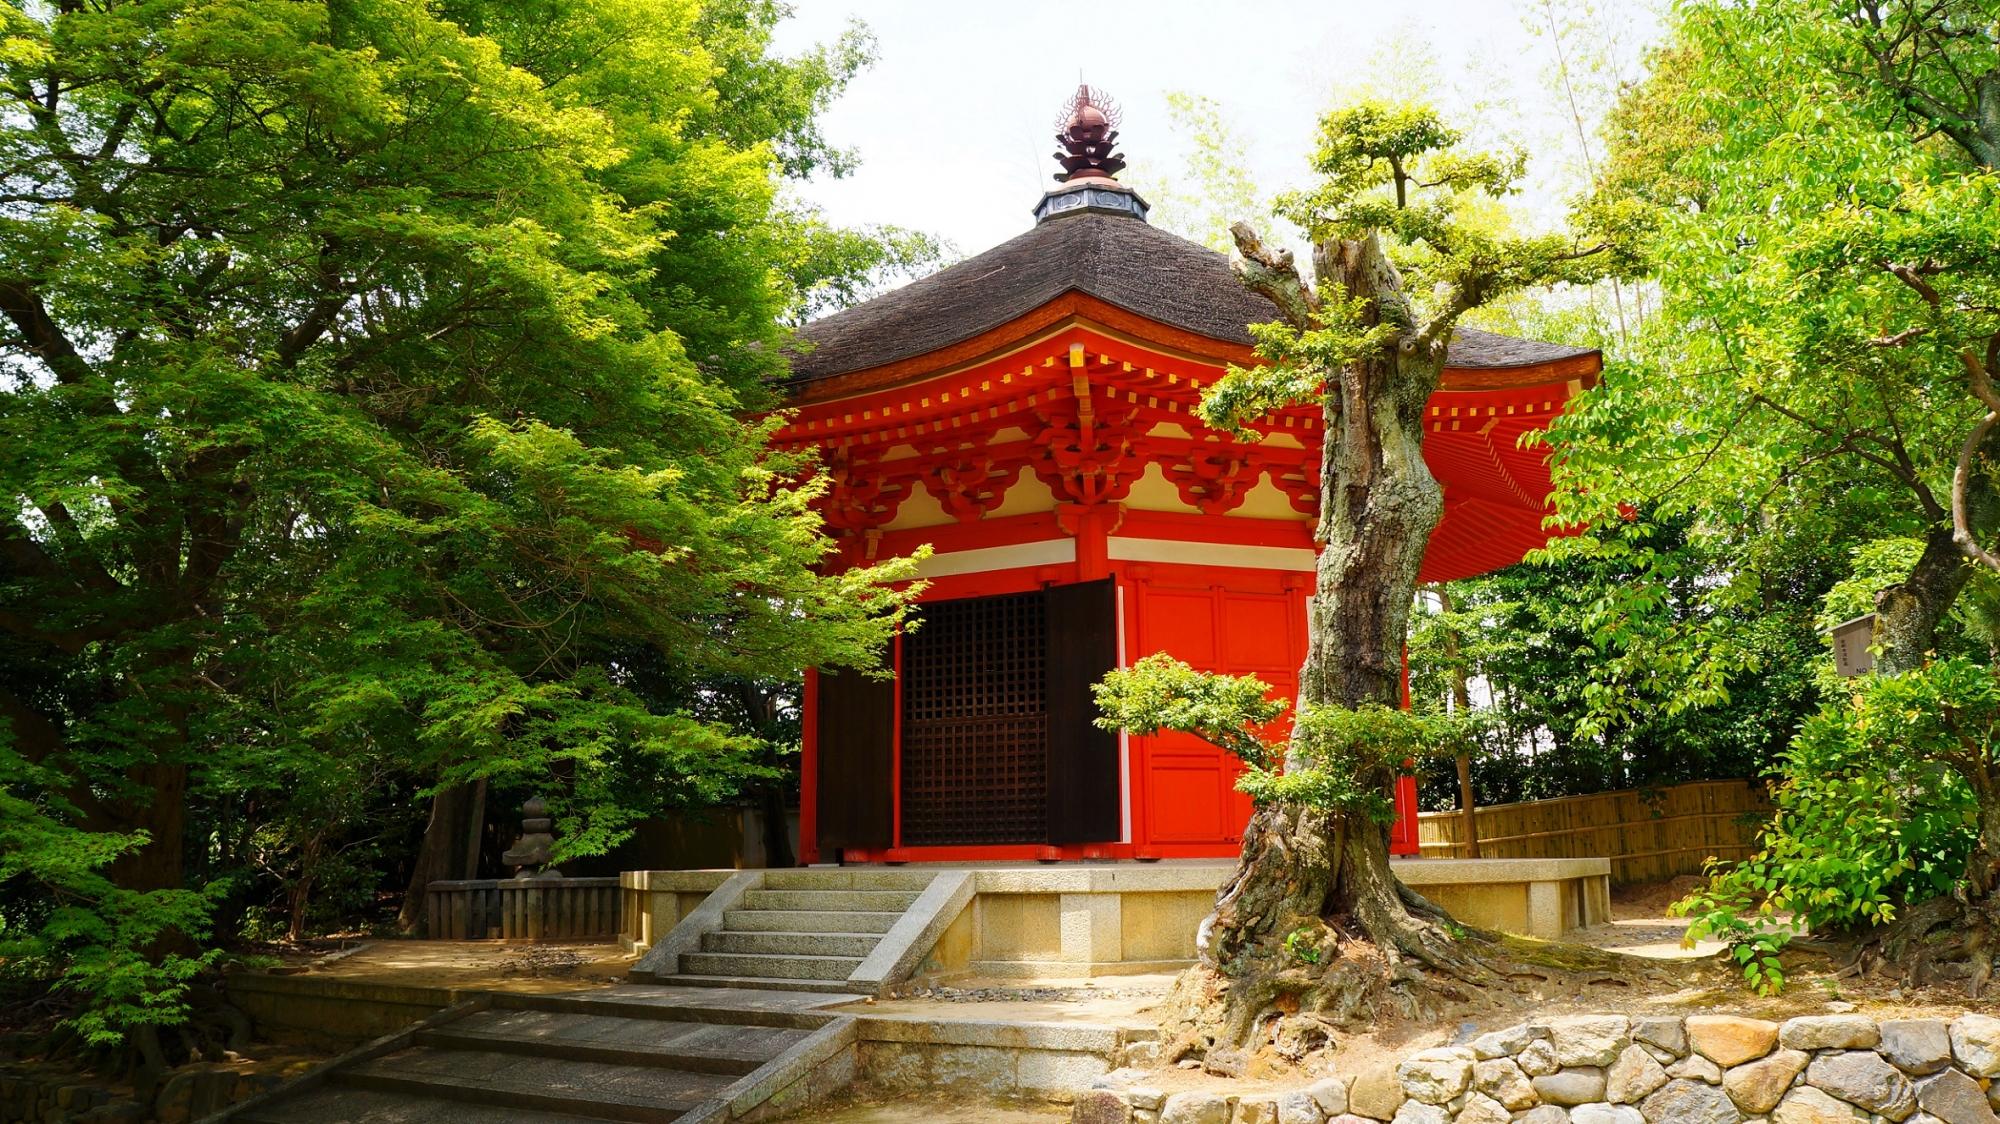 東福寺の赤い愛染堂と溢れる新緑